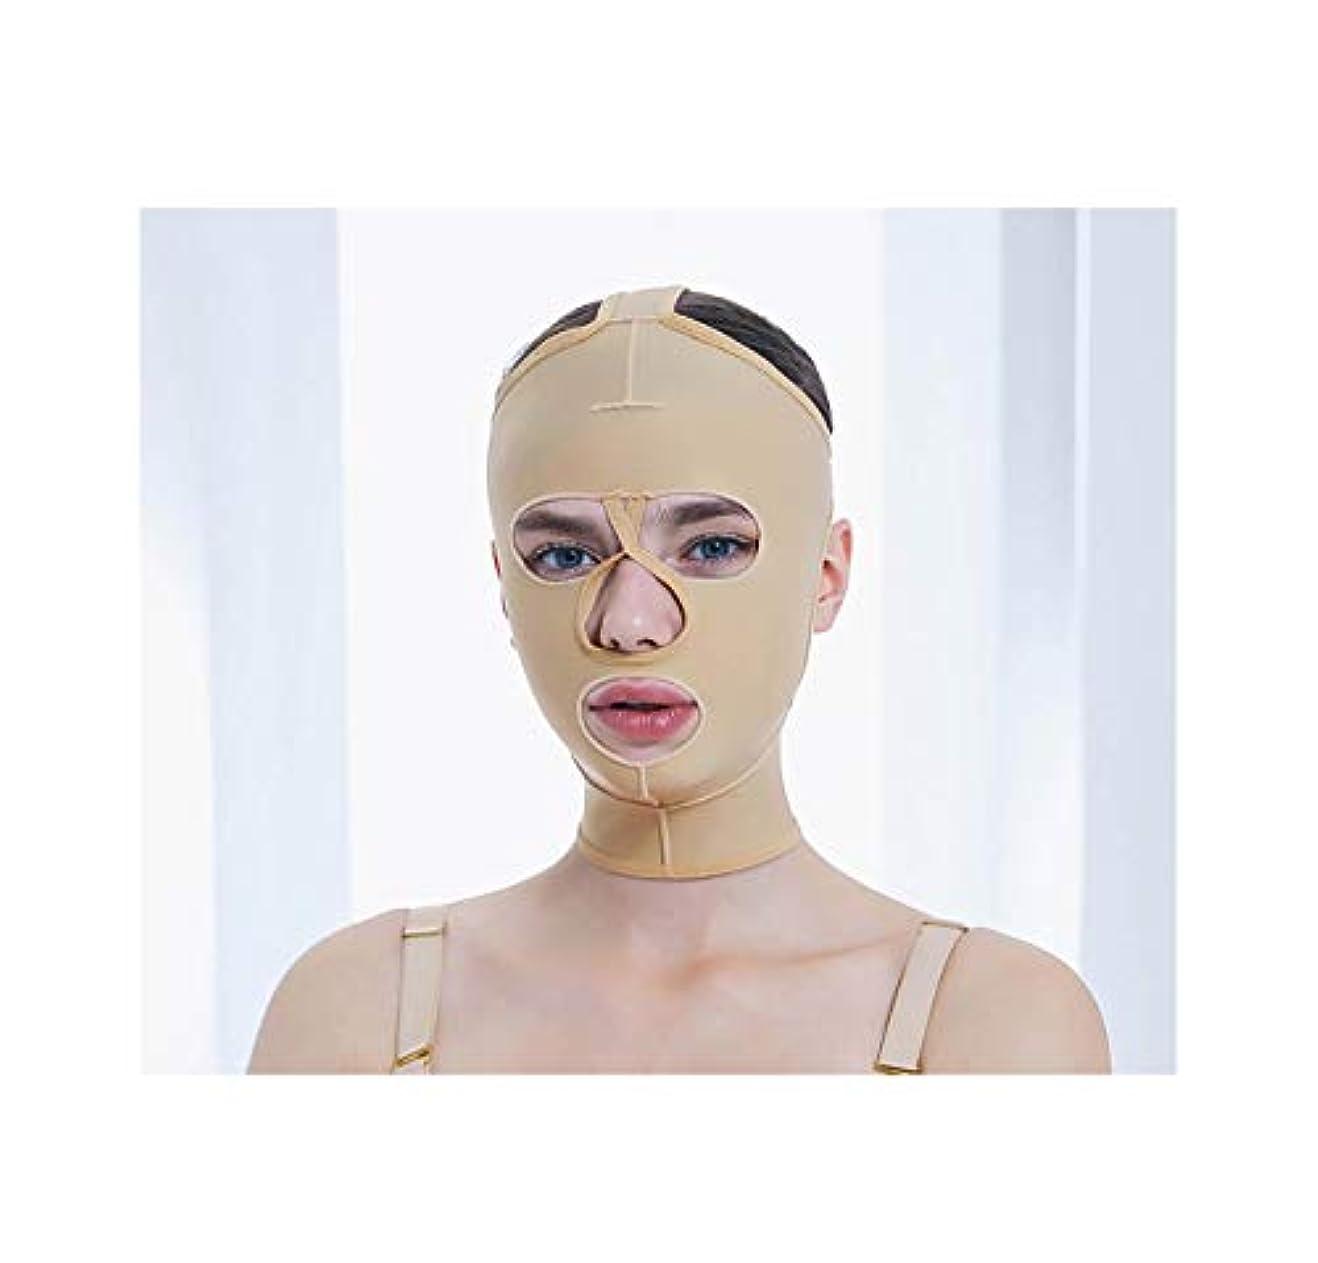 こだわり管理大混乱GLJJQMY 顔と首のリフト痩身マスク脂肪吸引術脂肪吸引整形マスクフードフェイシャルリフティングアーティファクトVフェイスビーム弾性スリーブ 顔用整形マスク (Size : XXL)